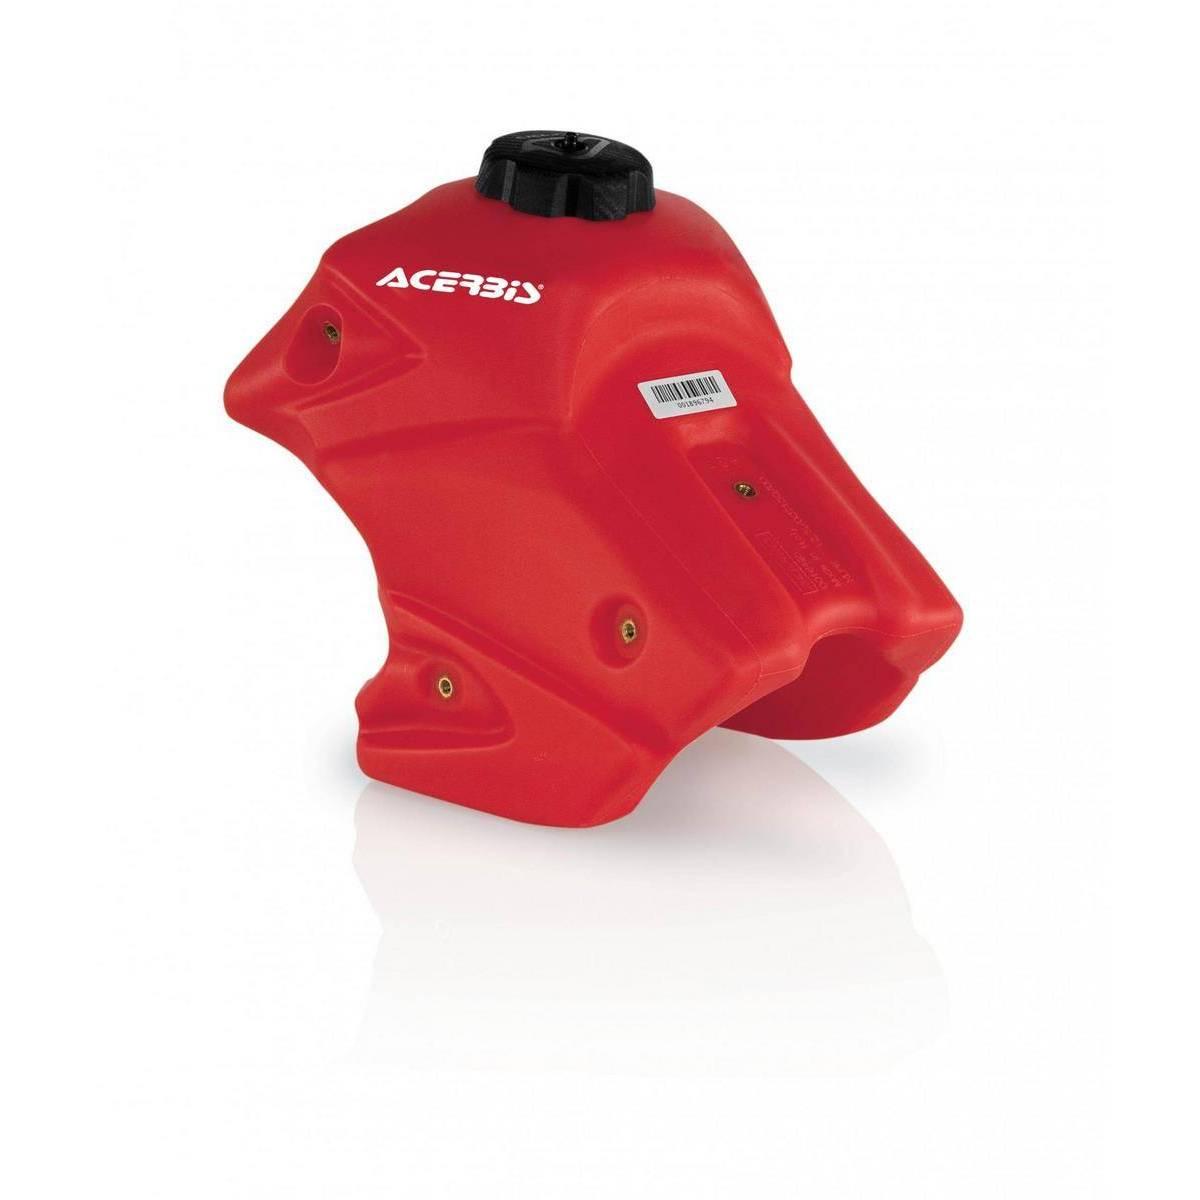 Depósito Acerbis Honda CRF 150 R 07-22 6.5Litros ROJO